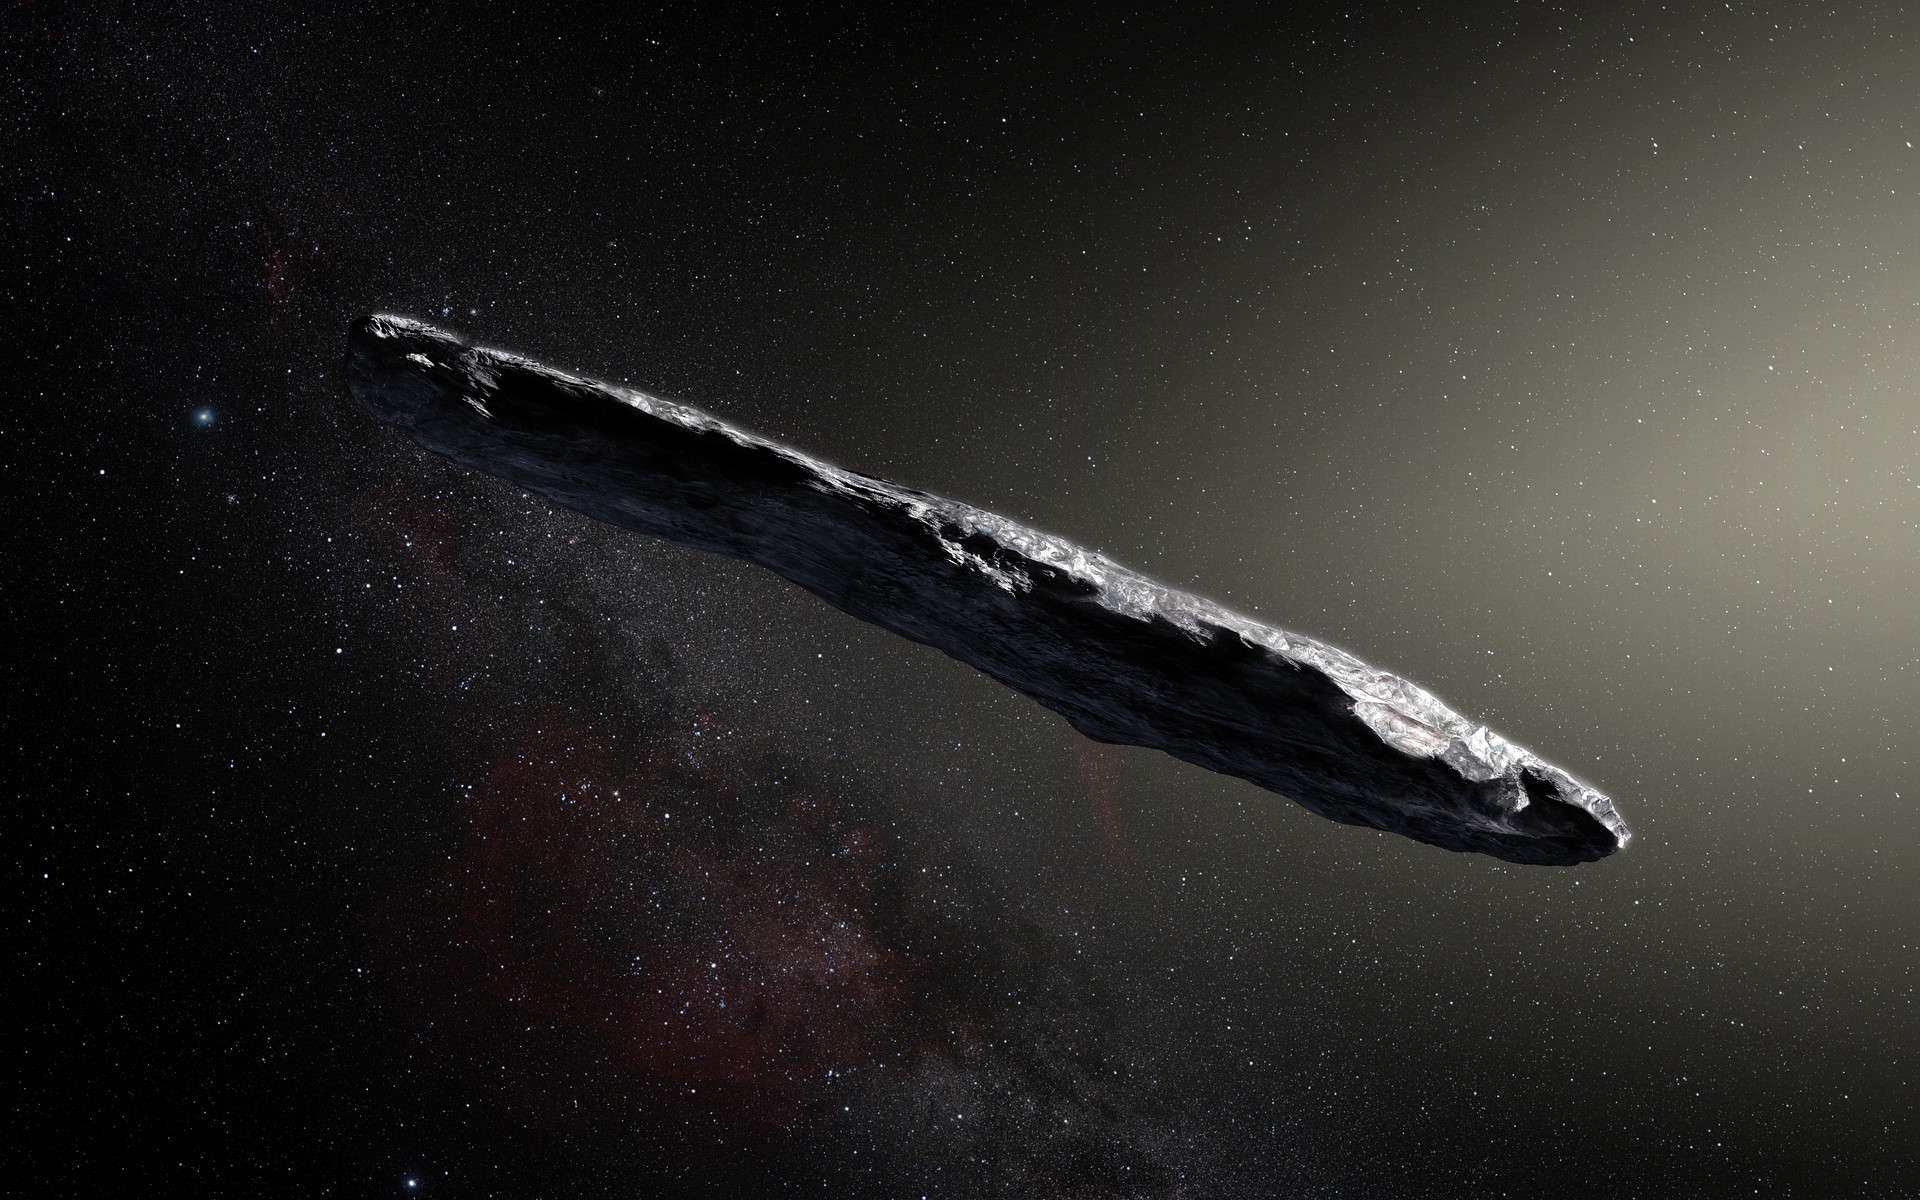 Illustration du premier astéroïde interstellaire jamais découvert, ʻOumuamua. © ESO, M. Kornmesser